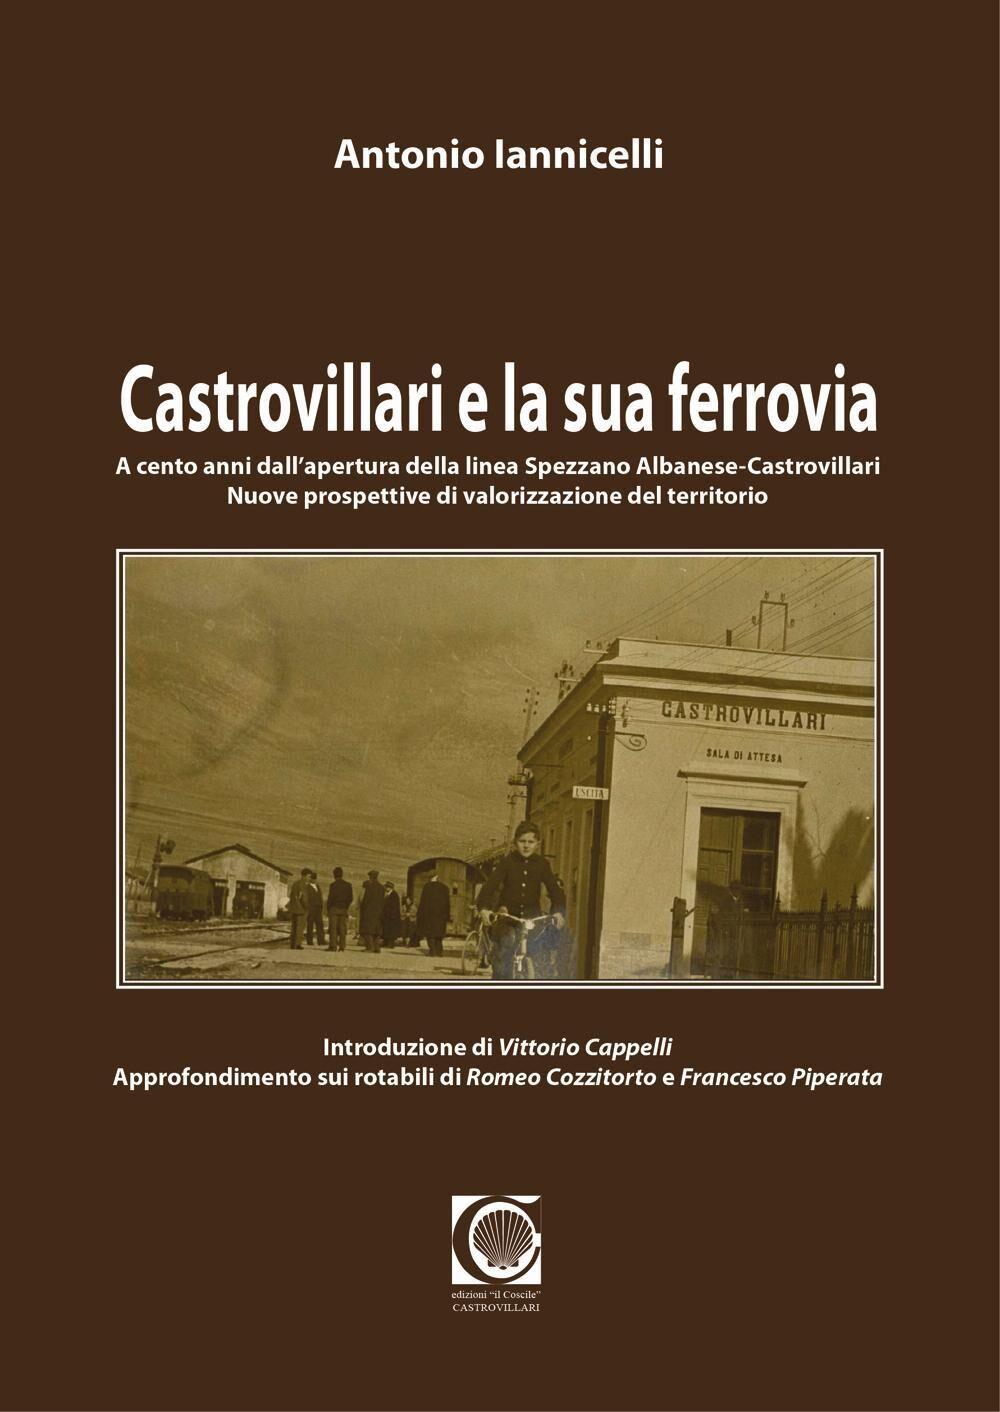 Castrovillari e la sua ferrovia